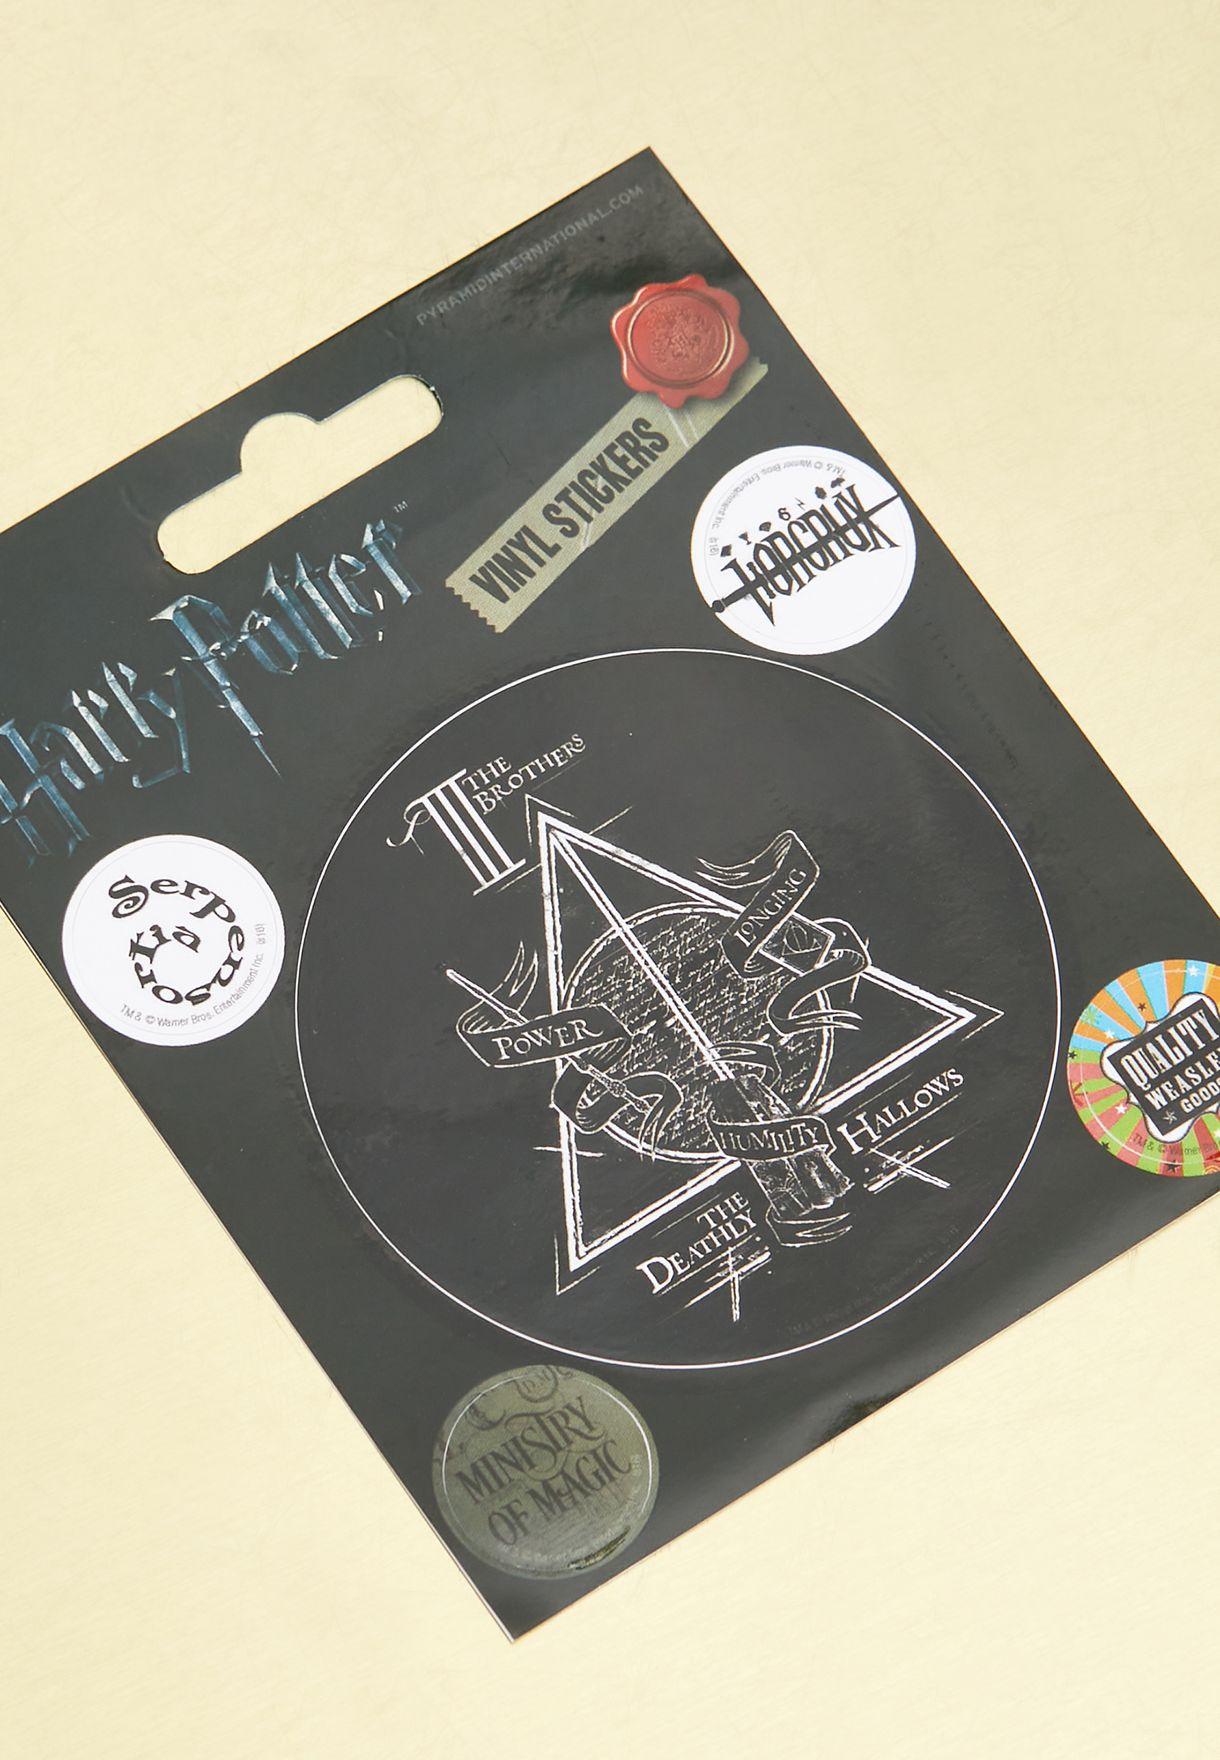 ملصقات هاري بوتر